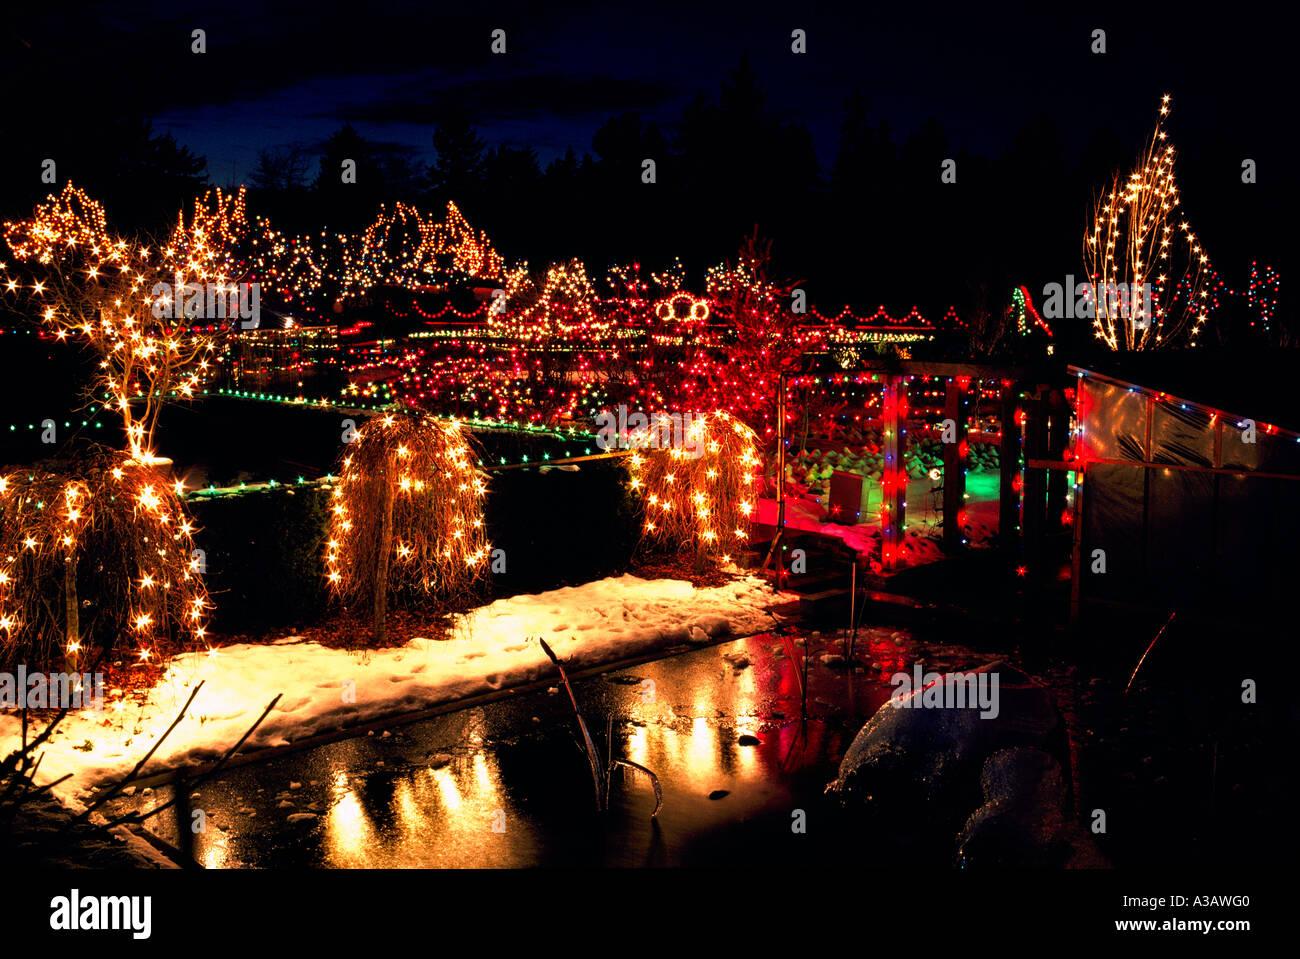 Traditional Christmas Lights.Traditional Christmas Lights On Trees Vandusen Botanical